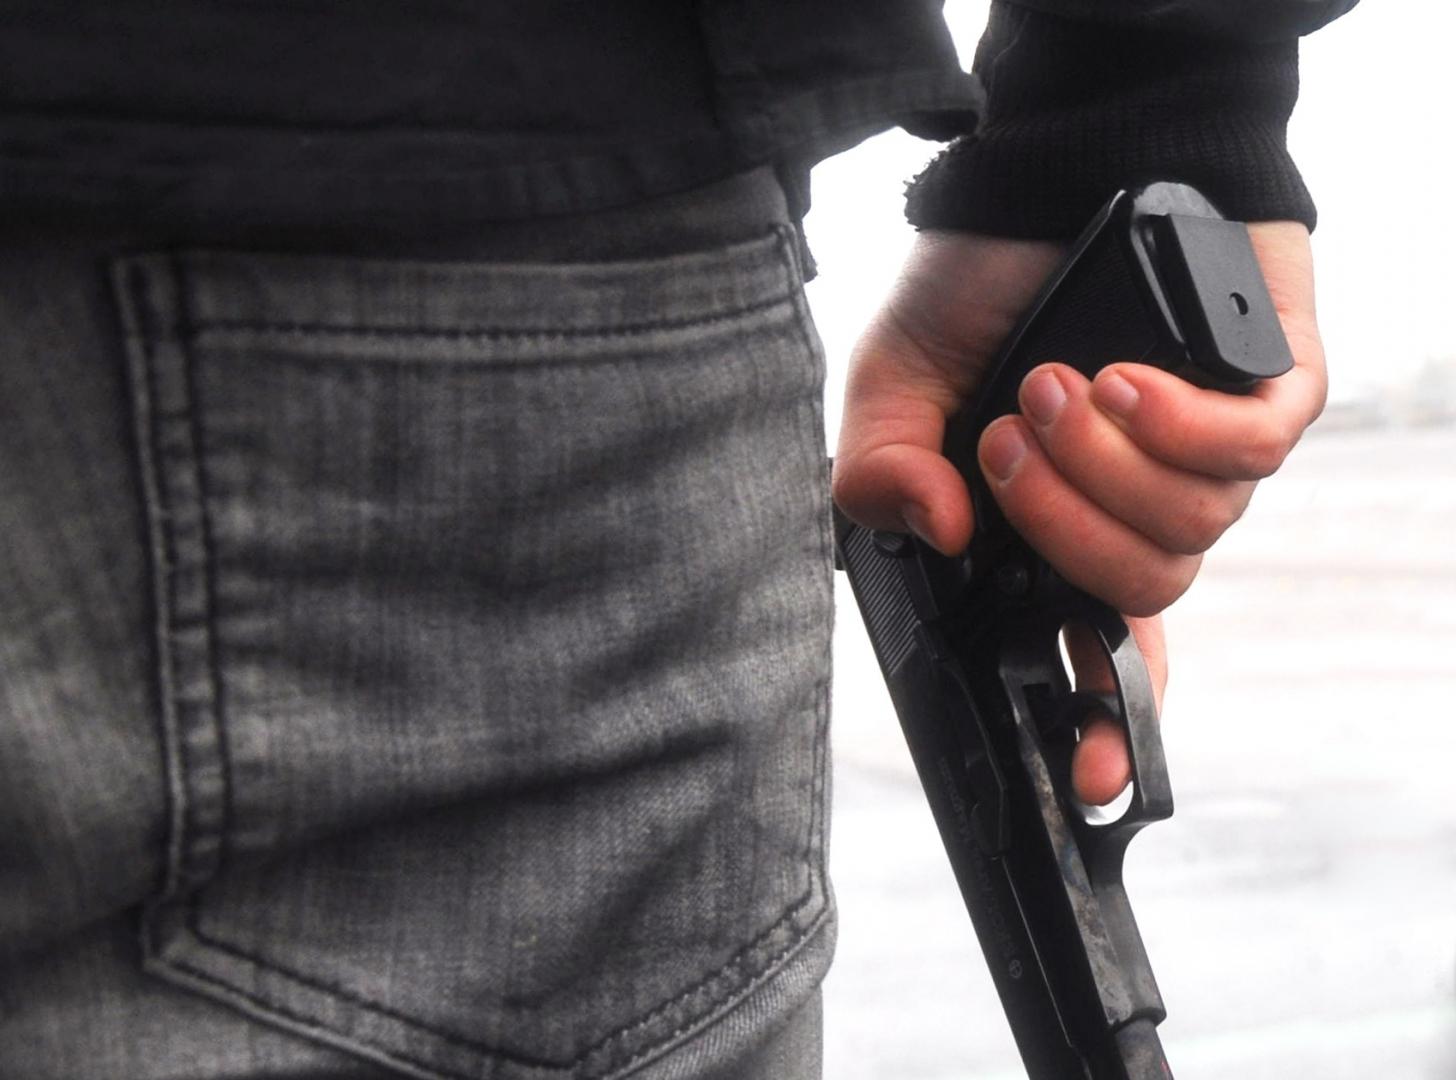 С пистолетом в руке